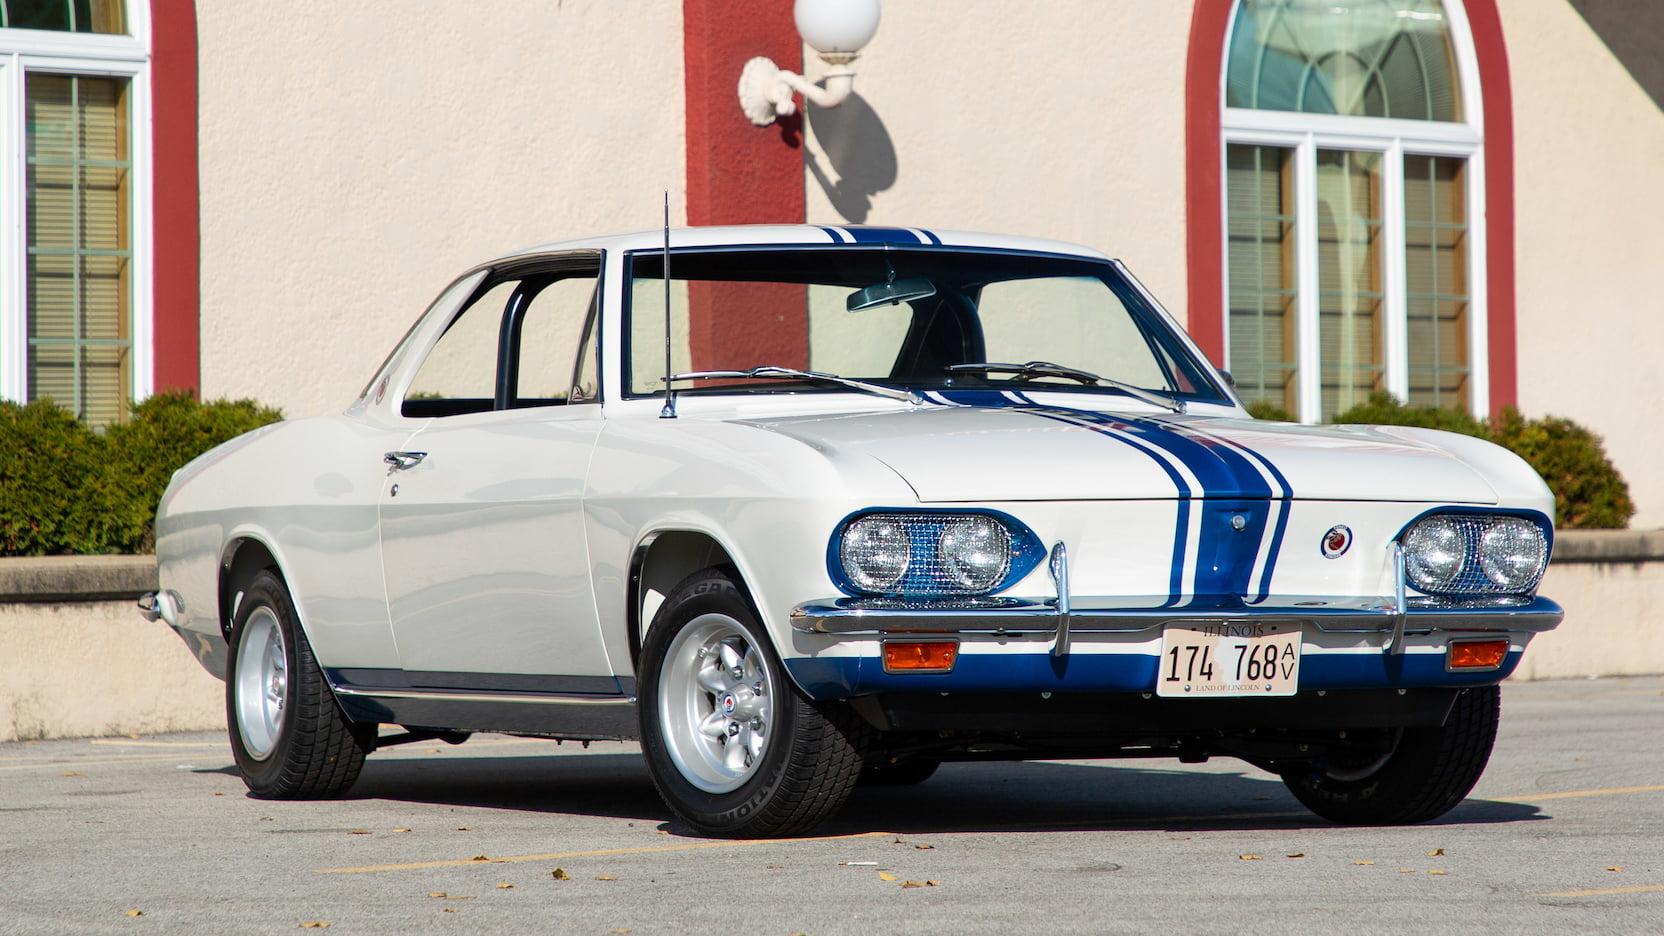 1966 Chevrolet Yenko Stinger front 3/4